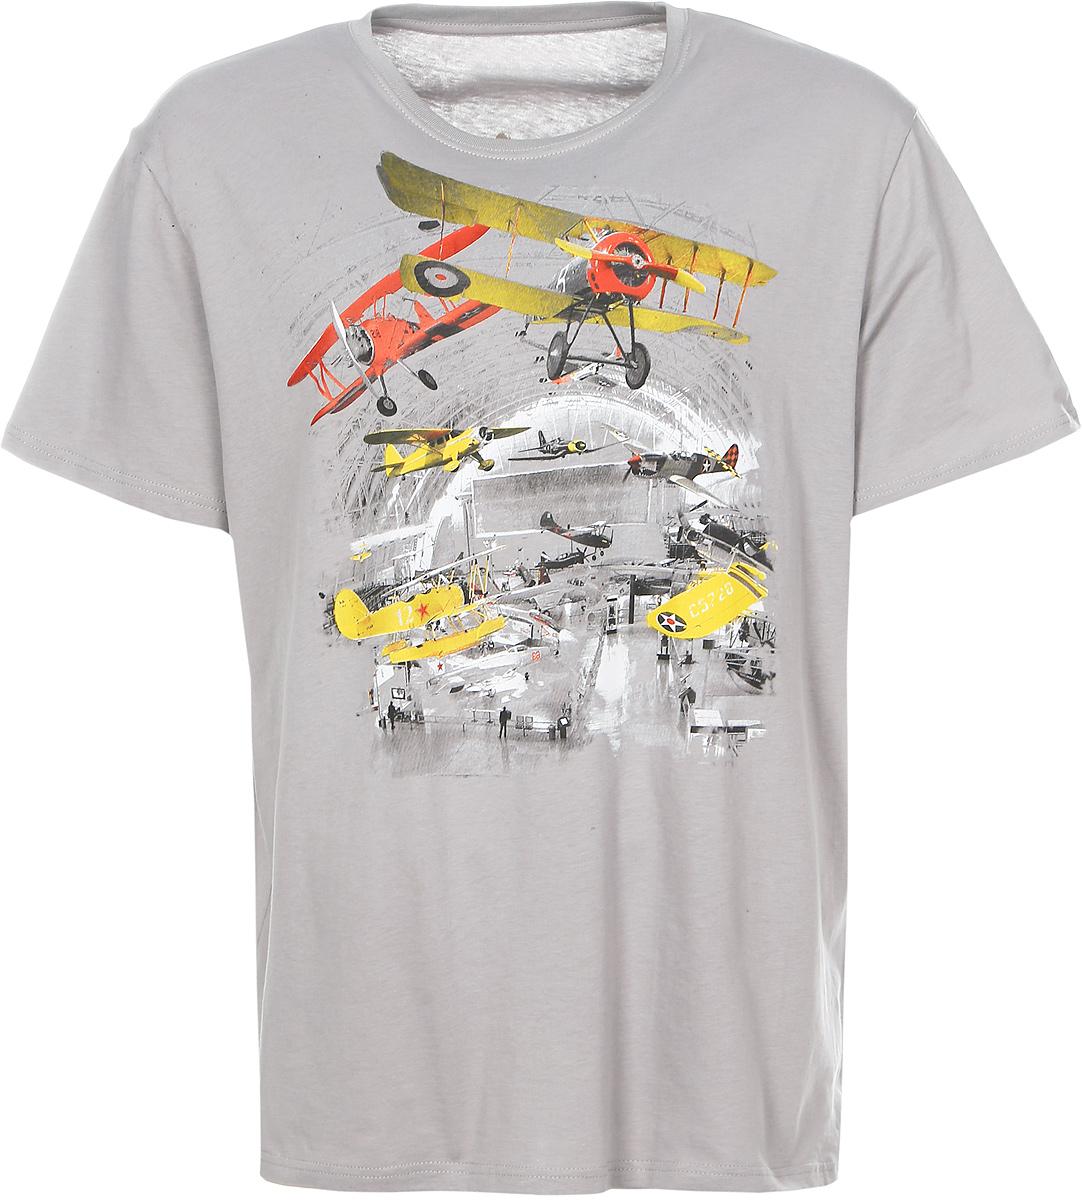 Футболка Todomoda Todomoda Ангар футболка мужская todomoda фрегат цвет черный 01098 размер s 46 48